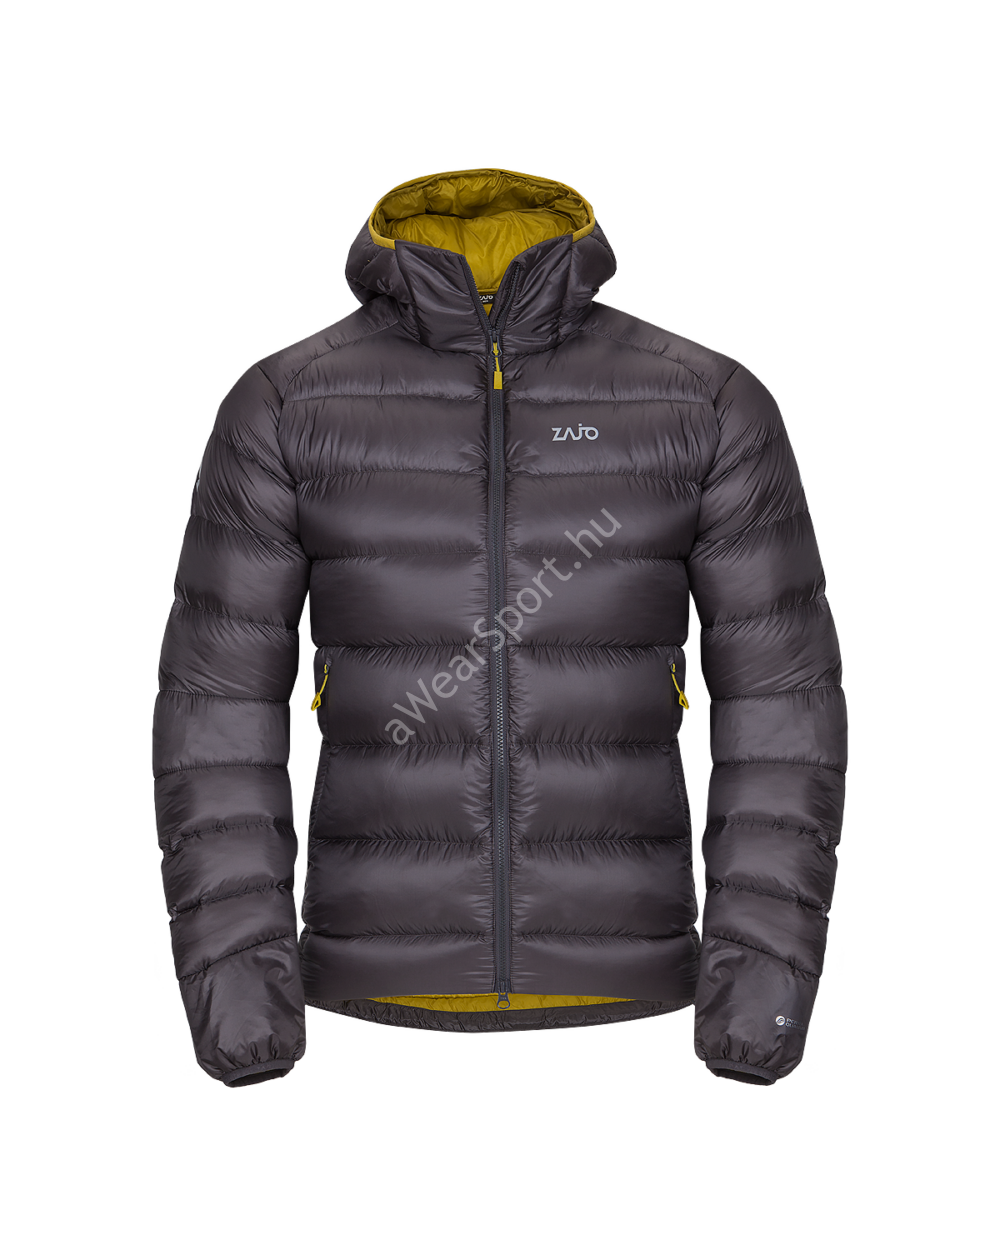 Zajo Moritz Jkt férfi DownTek/pehely kabát, magnet-cress green